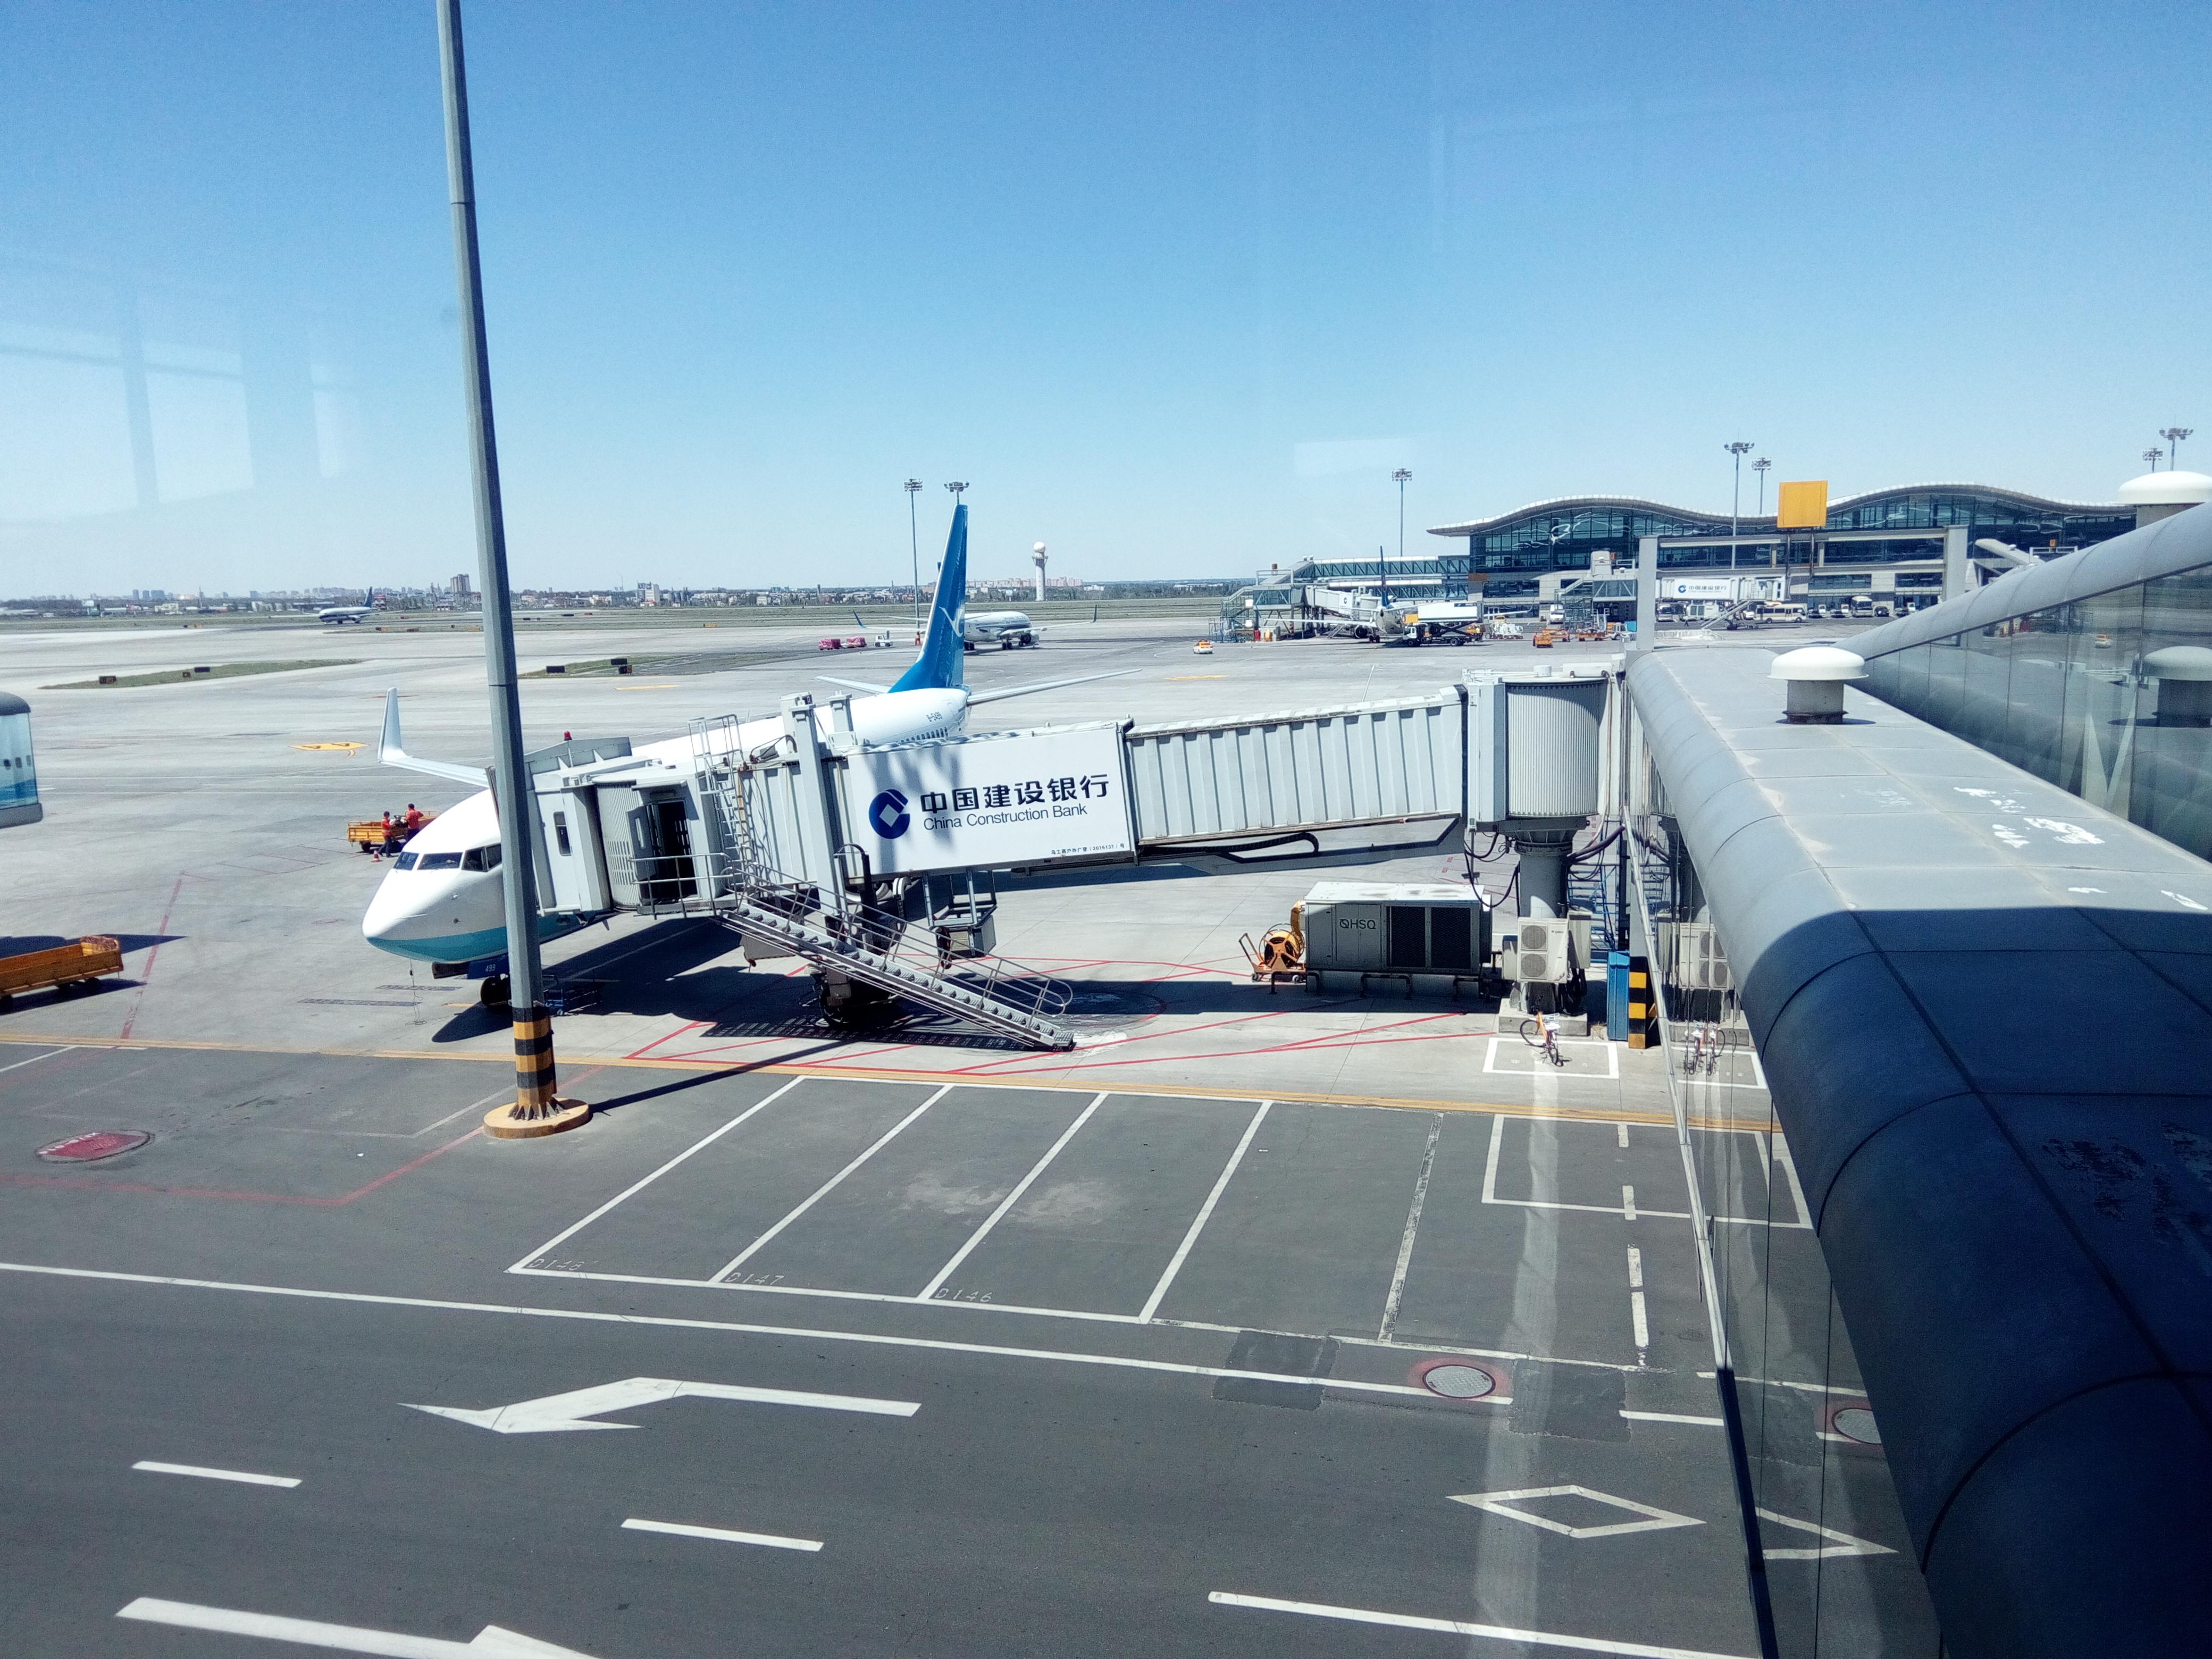 乌鲁木齐机场全称叫乌鲁木齐地窝堡机场,因为机场的地理位置在位于乌鲁木齐市郊西北的地窝堡。机场规模很大,国内国际航线很多,有三个航站楼,是一个繁忙的机场。候机楼宽敞整洁,设施齐备,标示清楚,有自助办理登记手续的机器,和内地大城市机场没有什么差别。因为新疆是维吾尔自治区,机场广播和有的标识,同时使用汉语和维语。机场工作人员说流利的普通话。机场里有很多各民族大团结的宣传广告。 国航抵达是在T2,T3航站楼主要是南方航空公司使用。T2 和T3 之间有免费摆渡车。T3航站楼非常宽敞,足够的沙发椅。销售新疆特产的商店